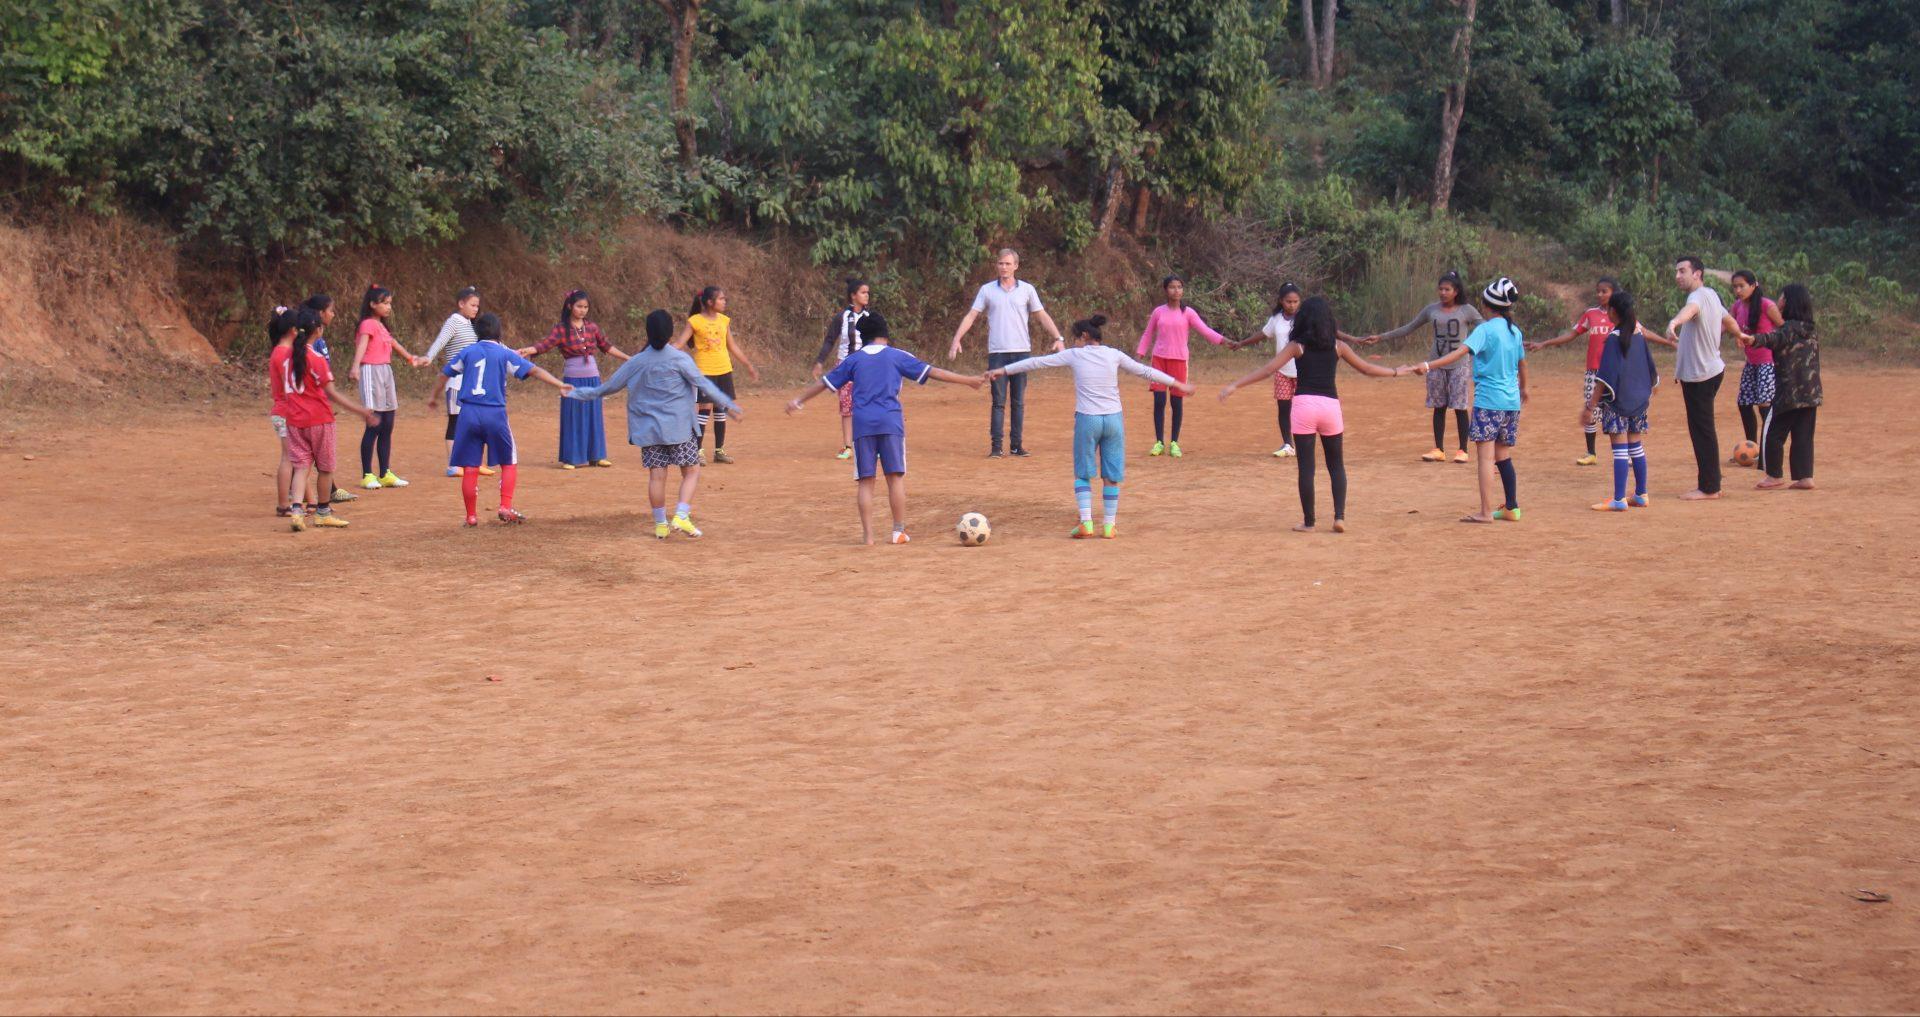 Leerlingen van de Maya Universe Academy in Tanahun spelen buiten voetbal.